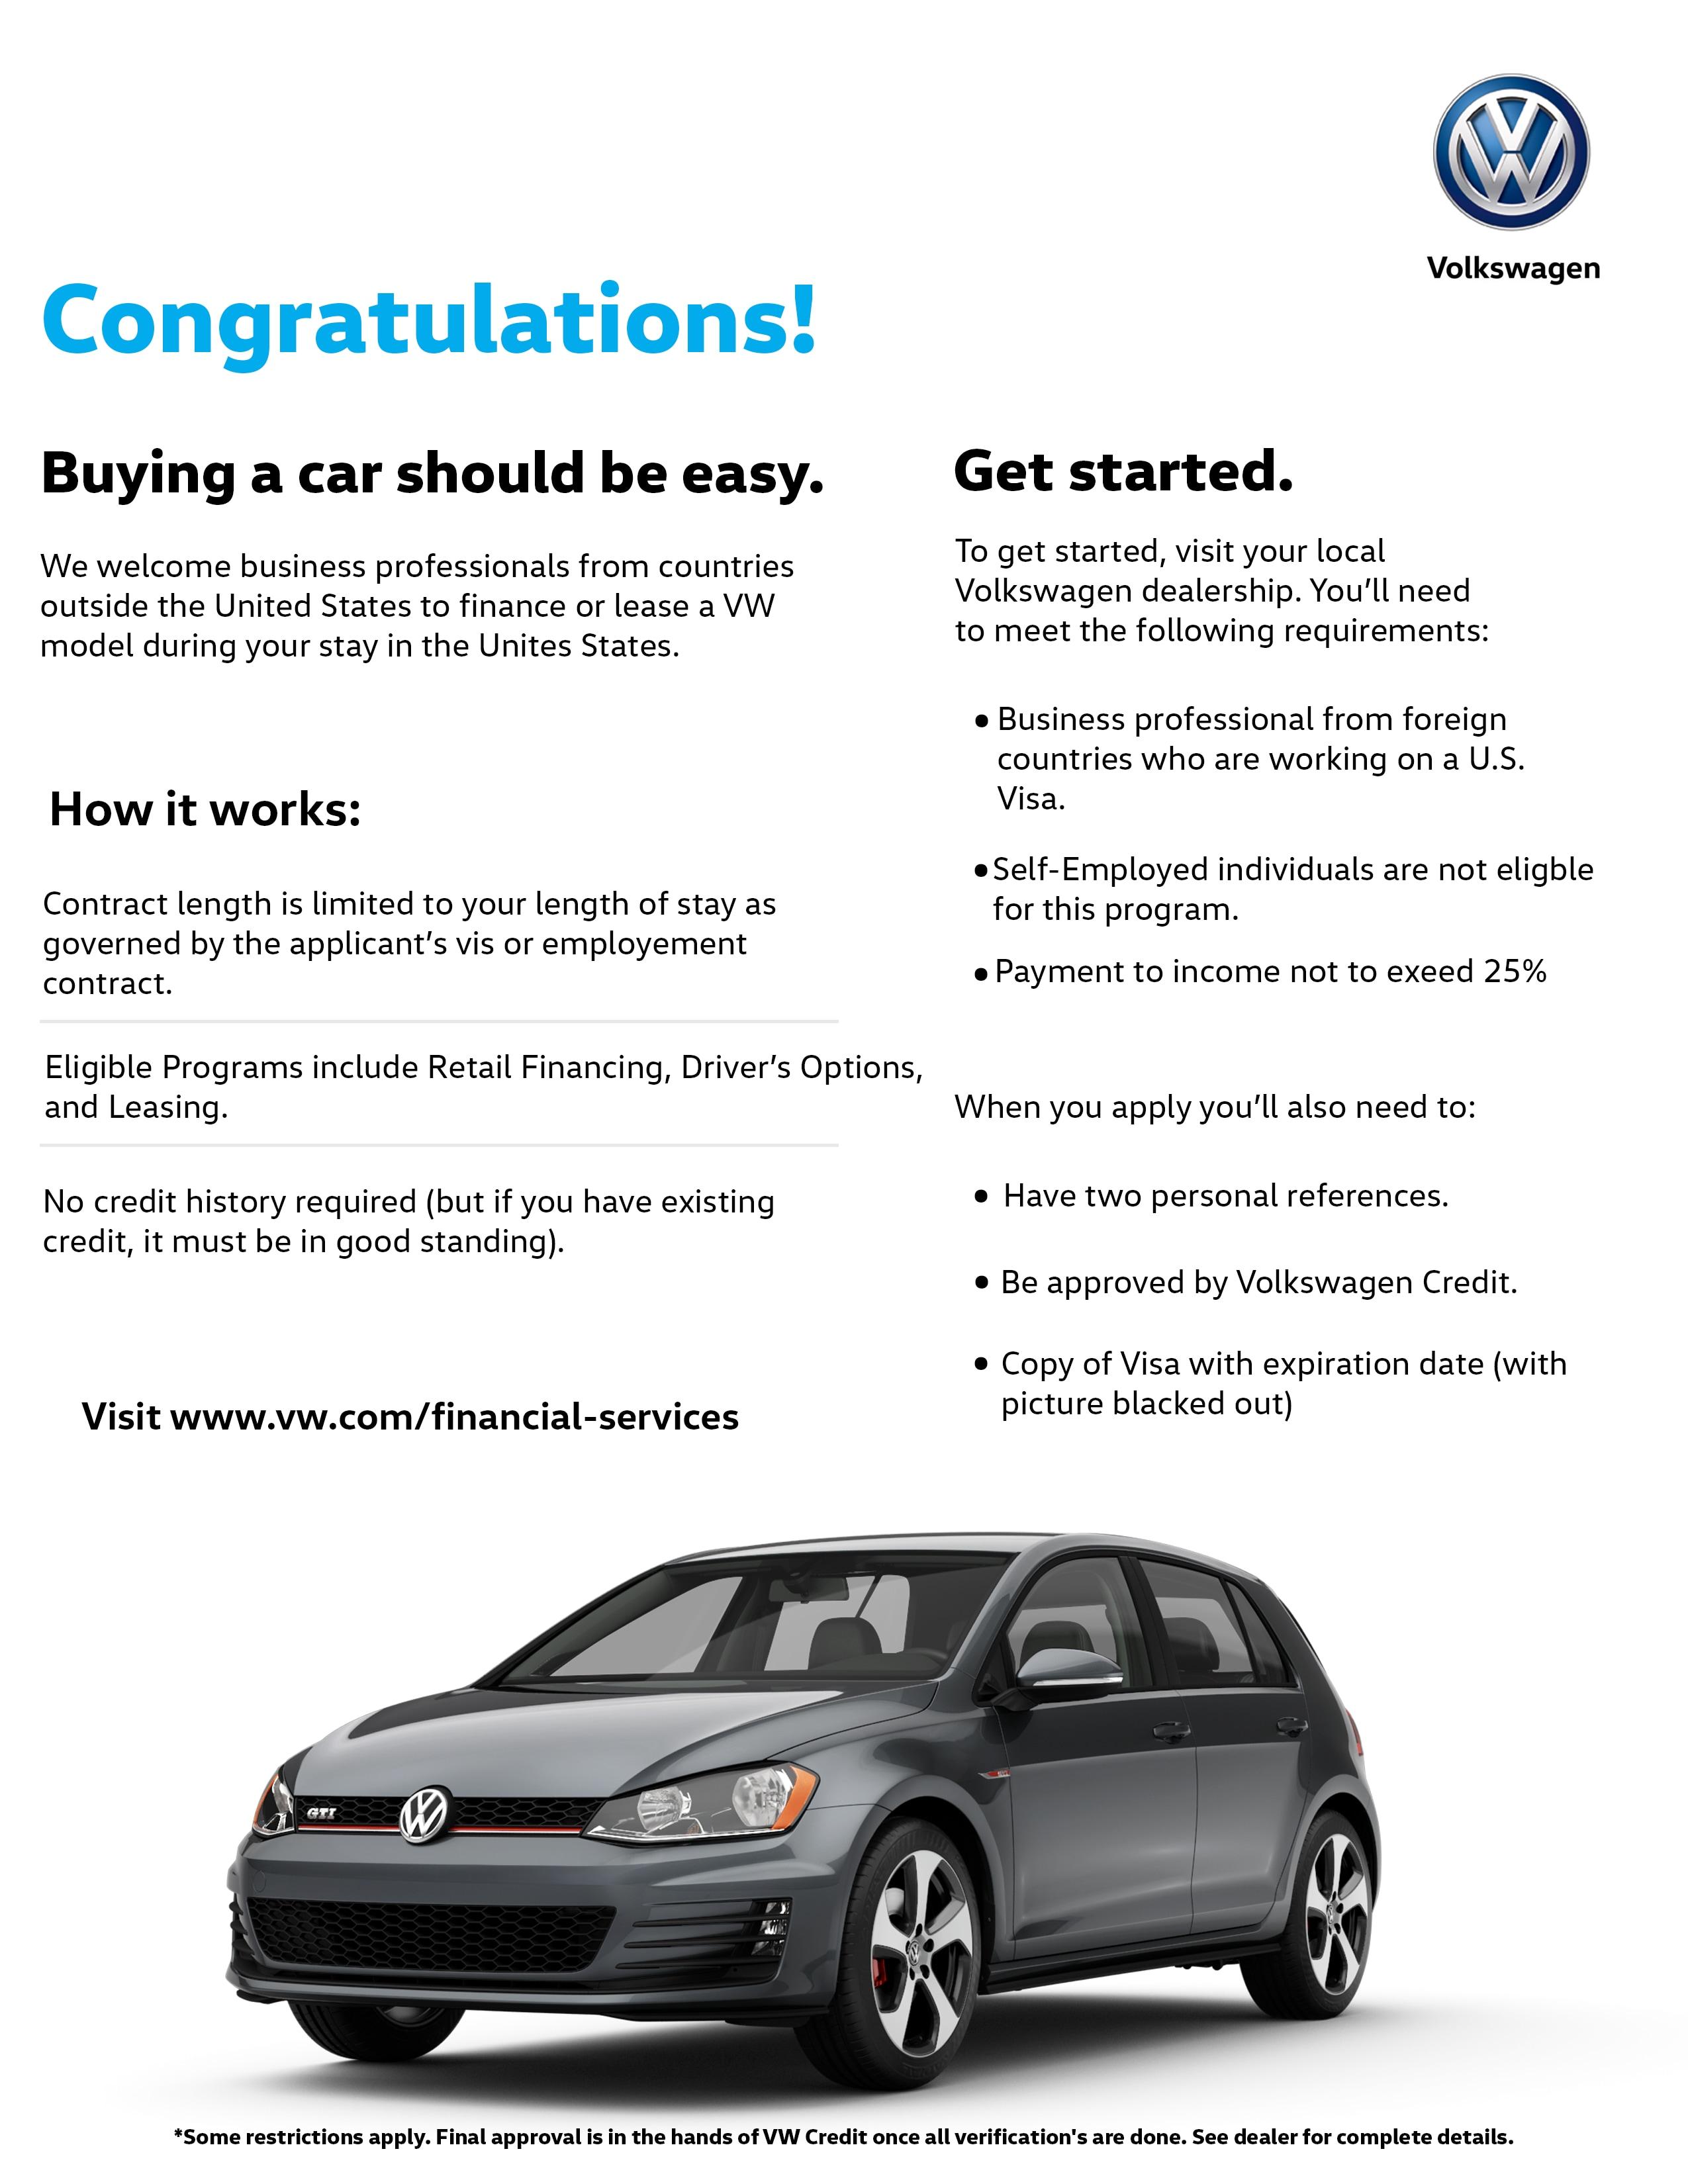 Fairfax Volkswagen New Volkswagen Dealership In Fairfax VA - Volkswagen foreign business professionals plan